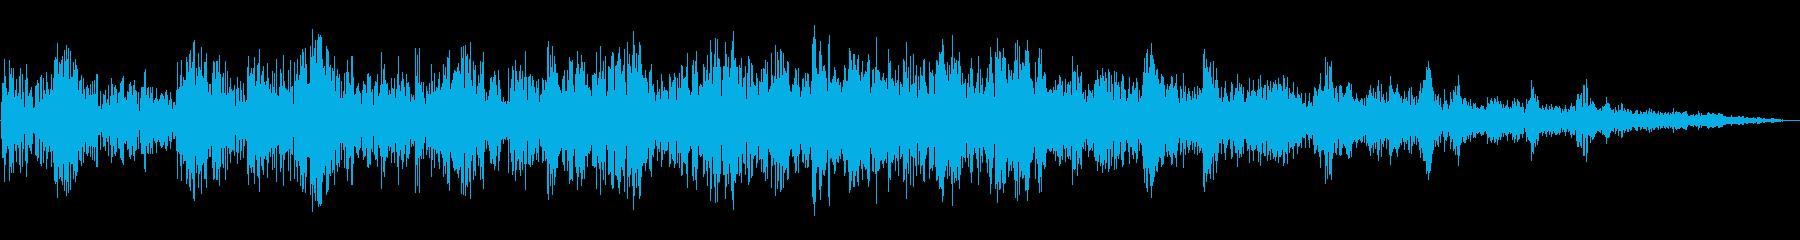 水の流れ入ってくる音の再生済みの波形